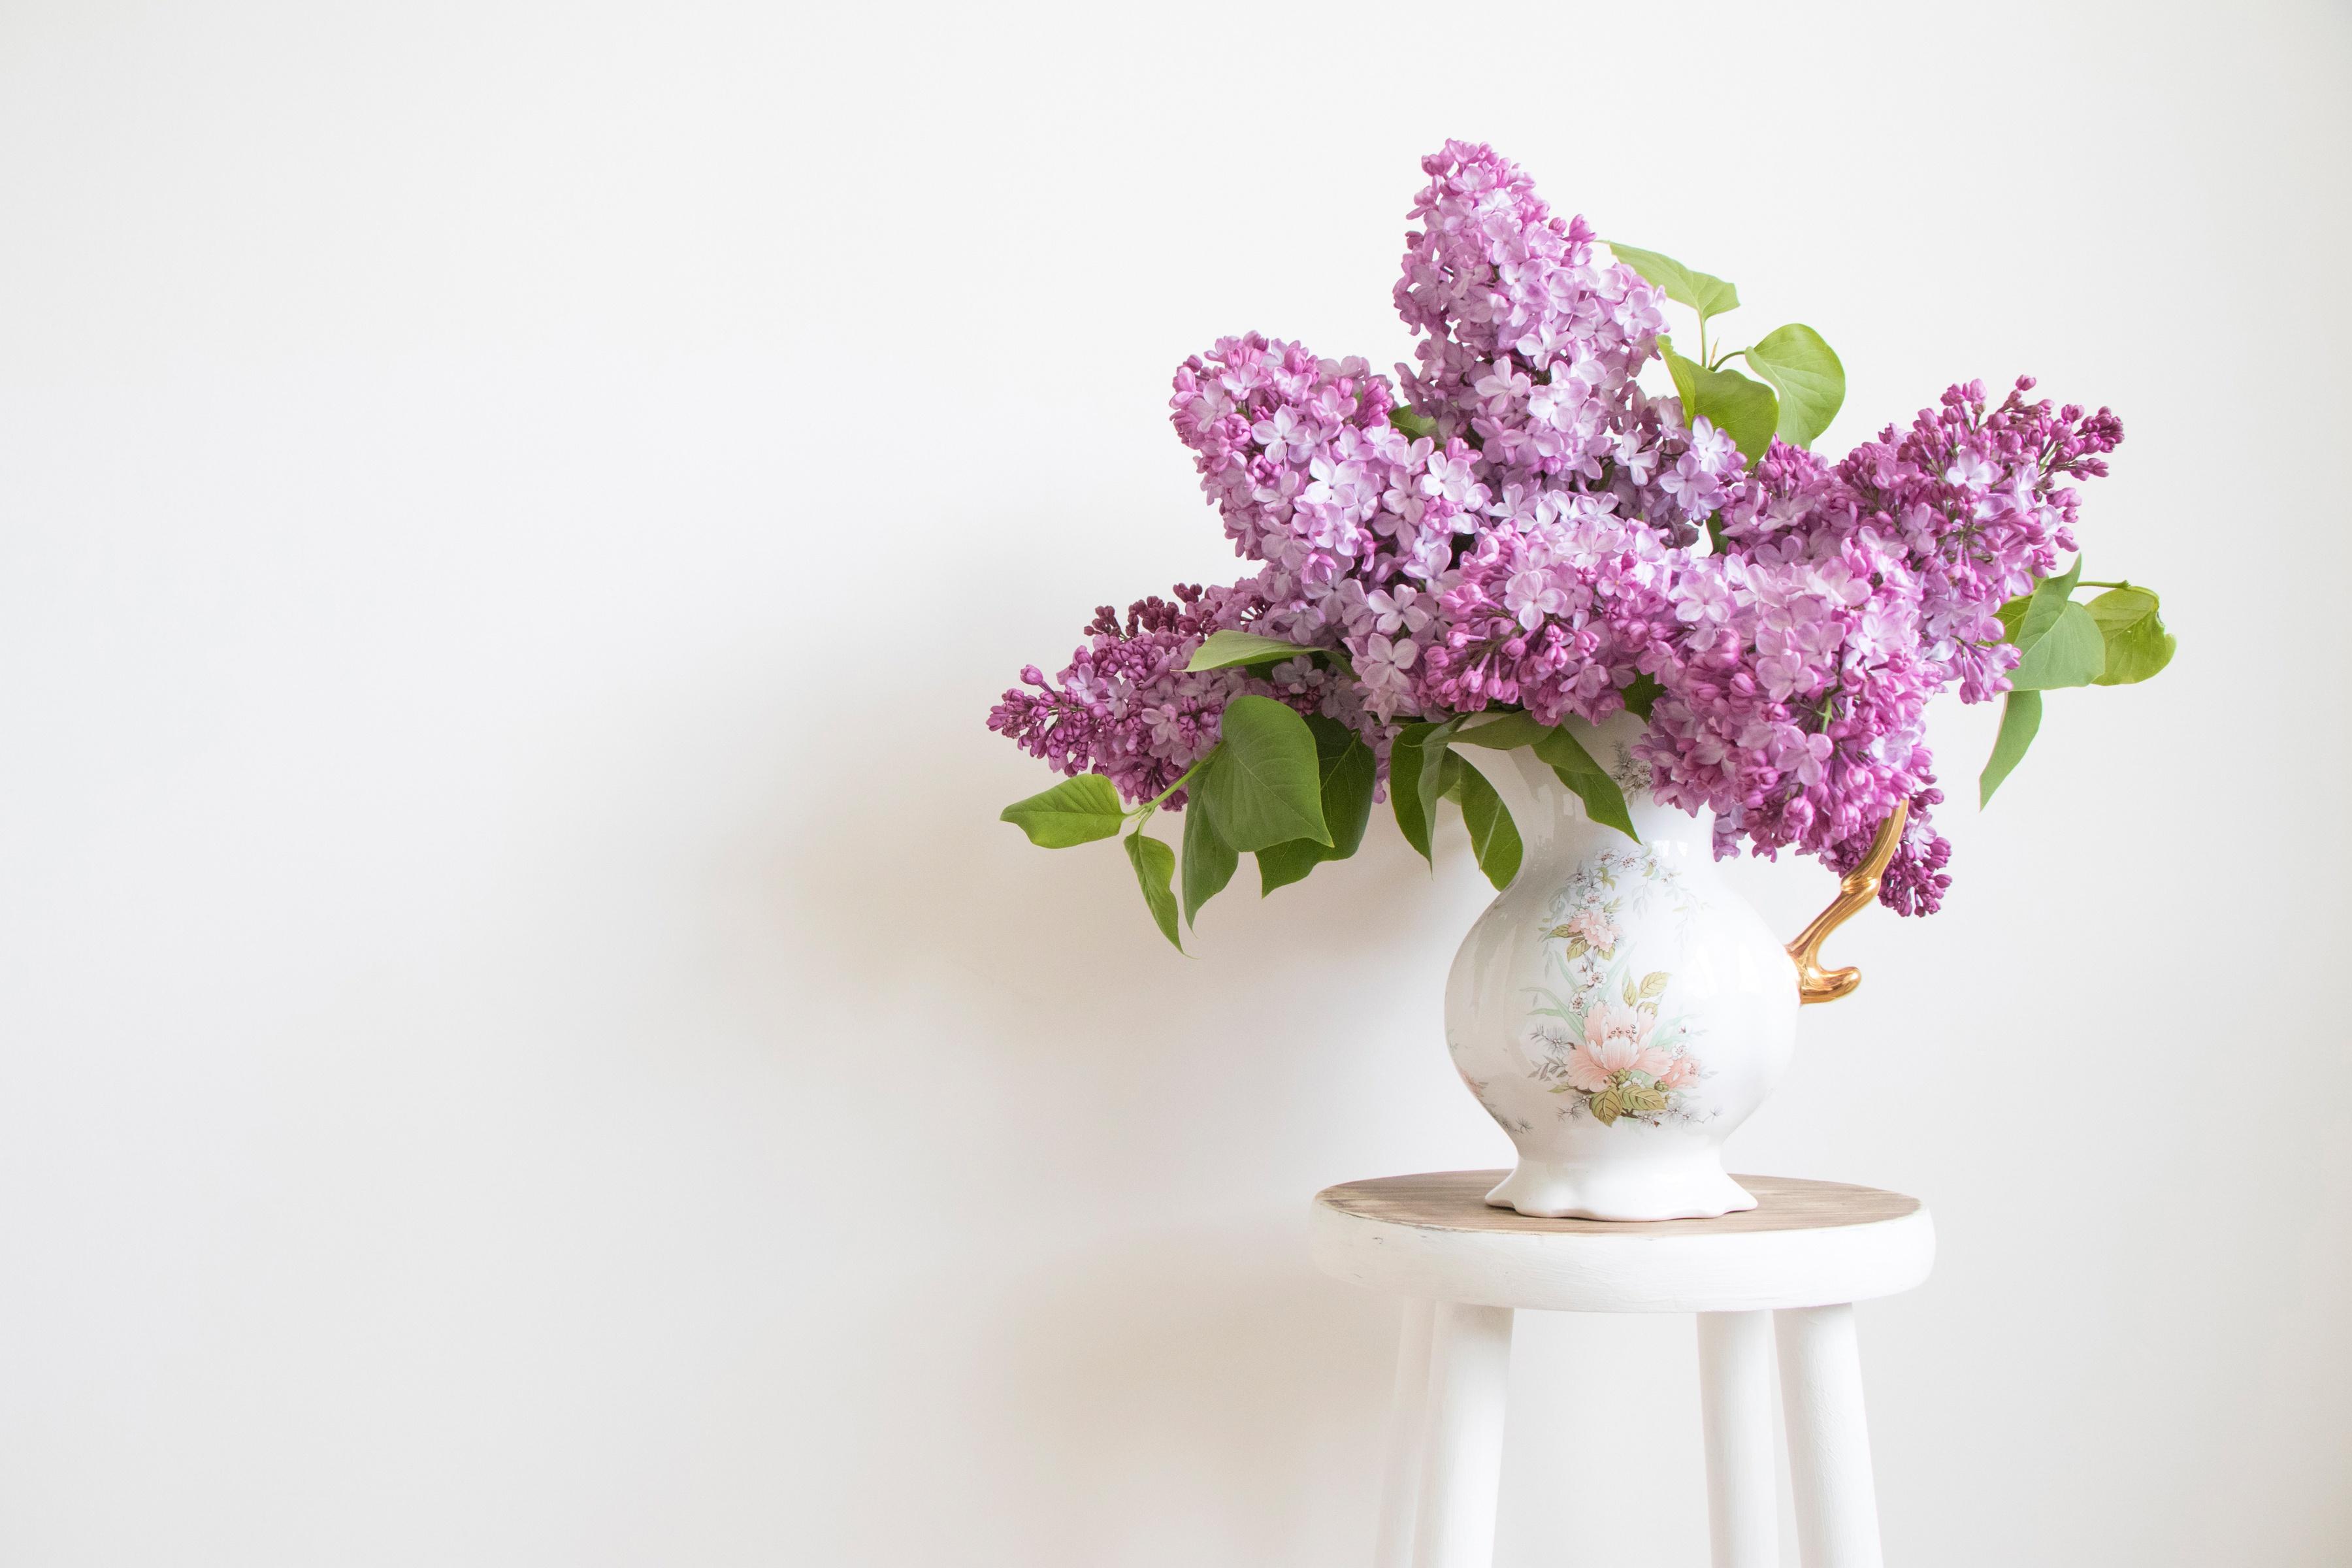 природа цветы ваза  № 1734221 загрузить